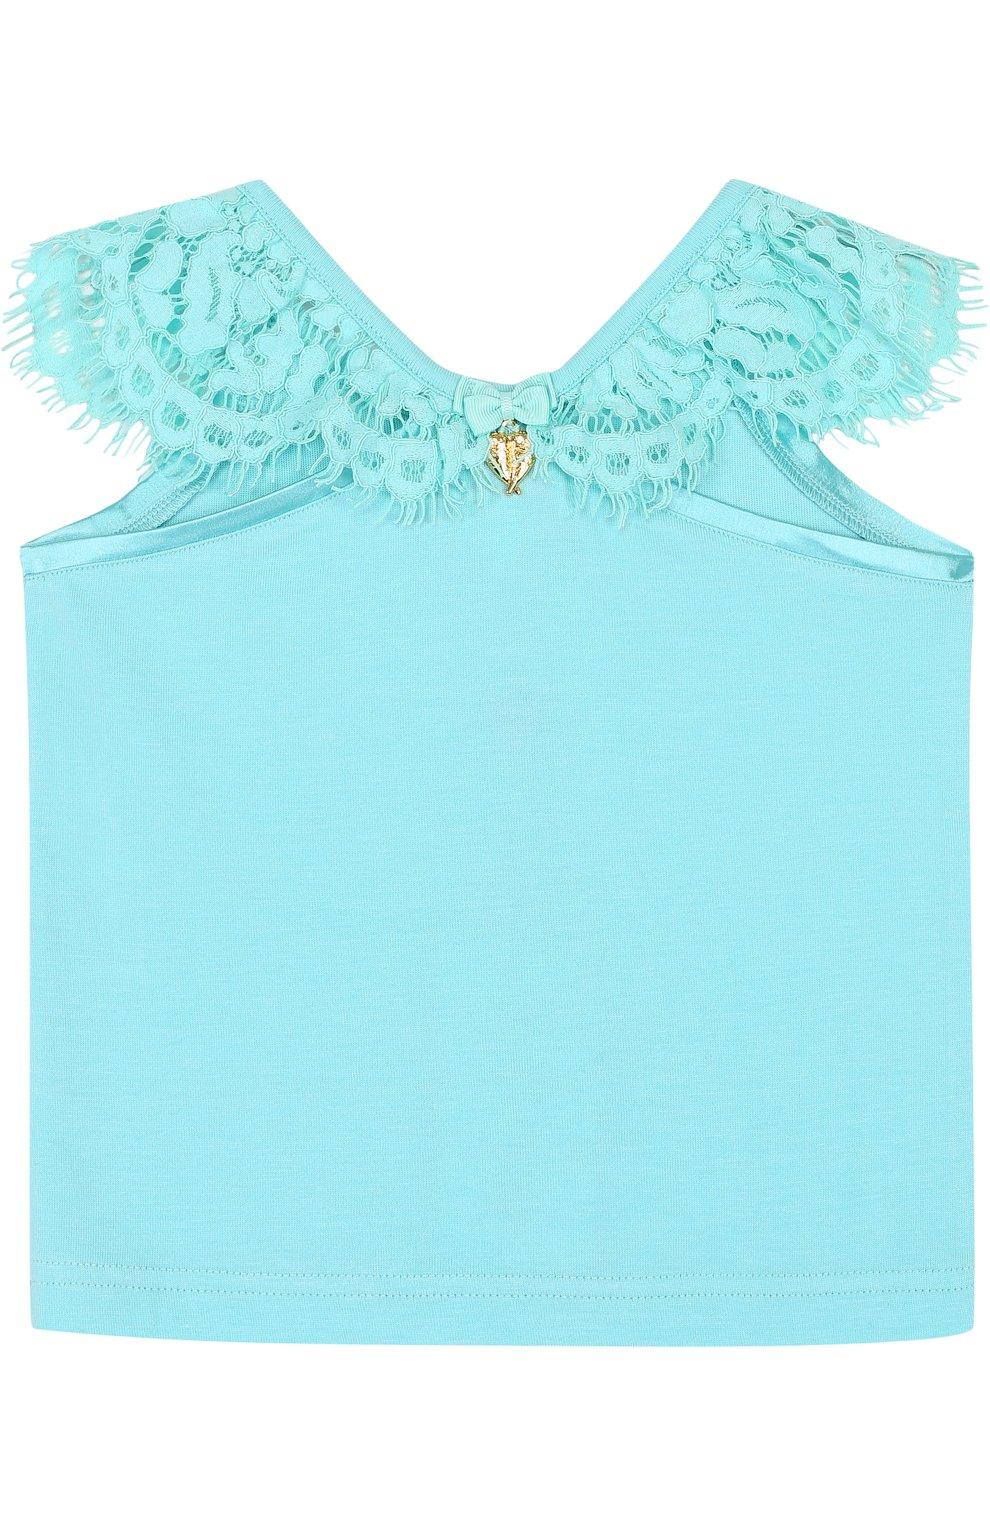 Детский топ джерси с кружевной отделкой и открытыми плечами ANGEL'S FACE голубого цвета, арт. LUCILLE/2-7 | Фото 2